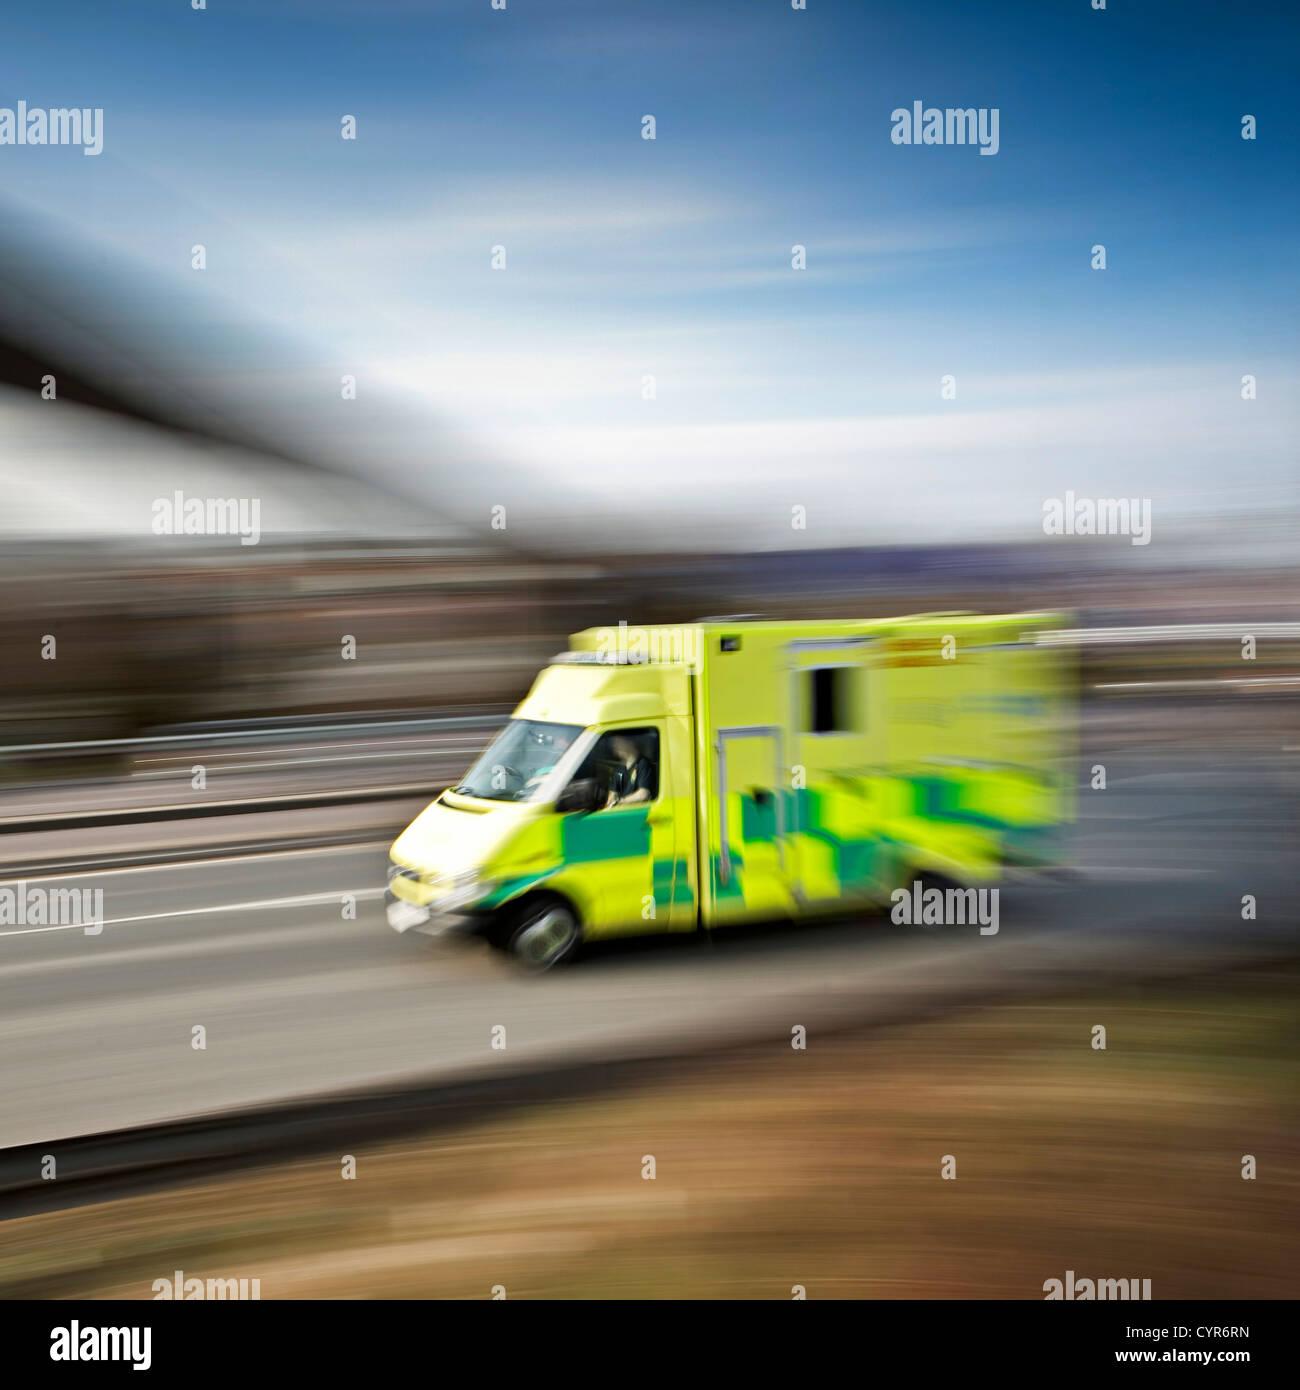 ambulance emergency response speeding along the motorway - Stock Image